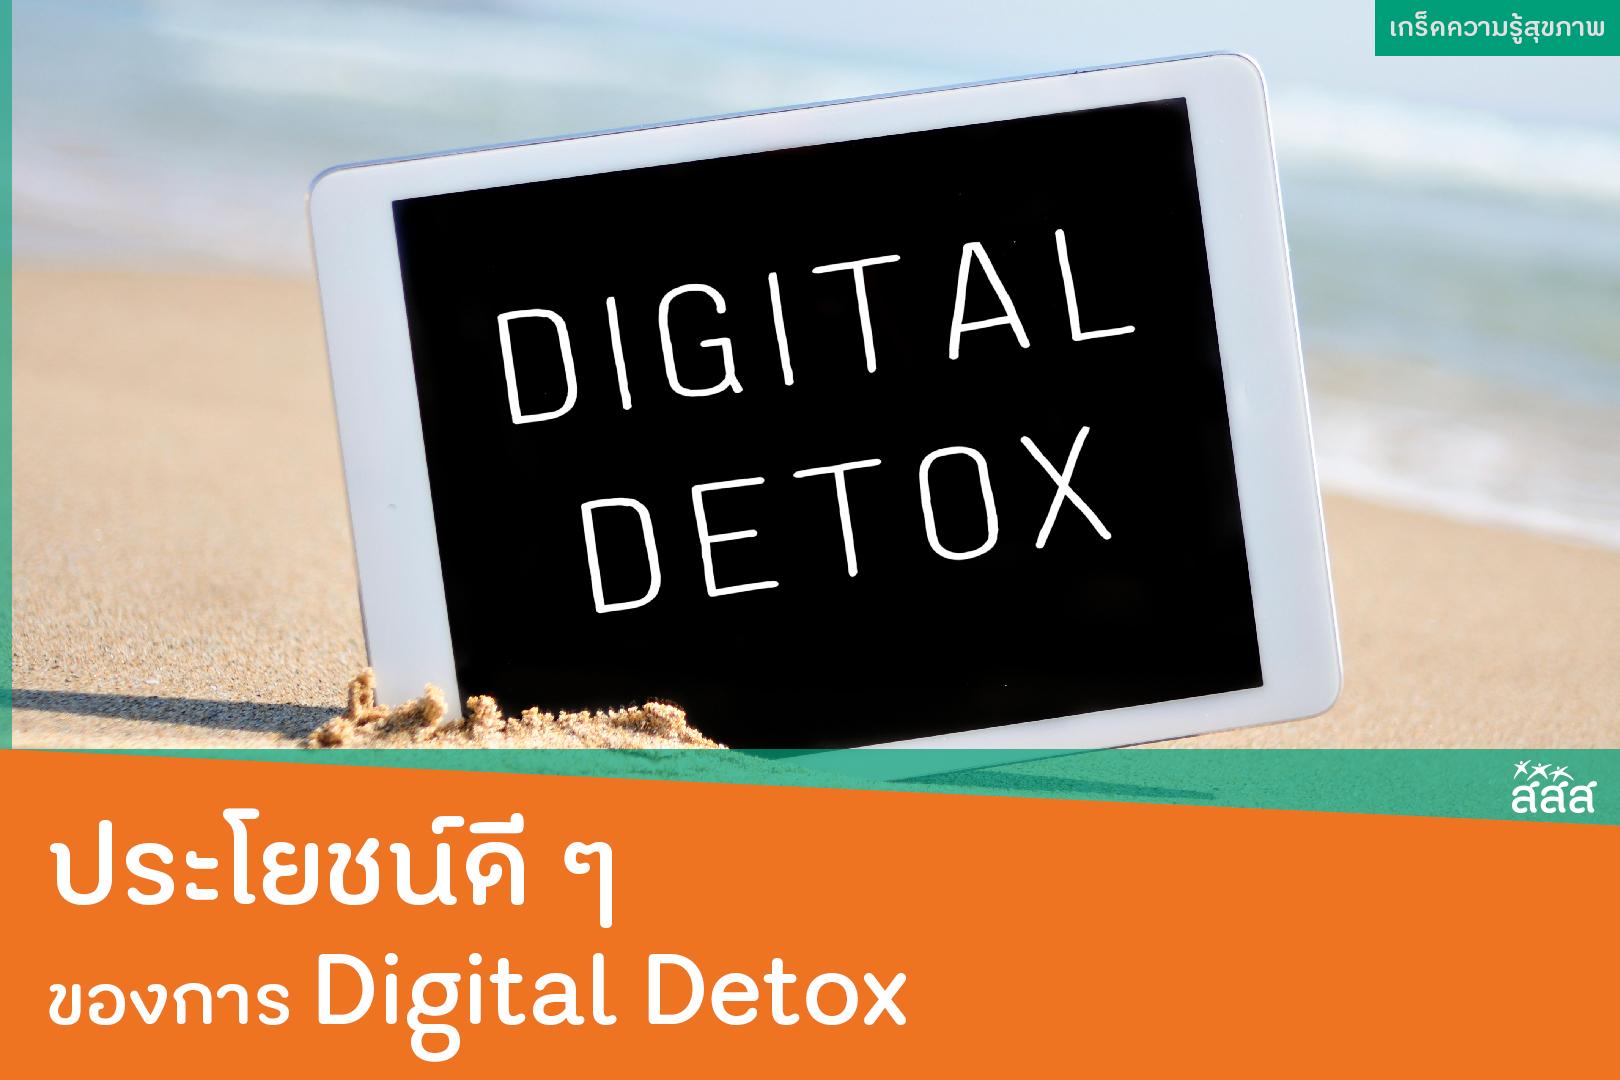 ประโยชน์ดี ๆ ของการ Digital Detox thaihealth